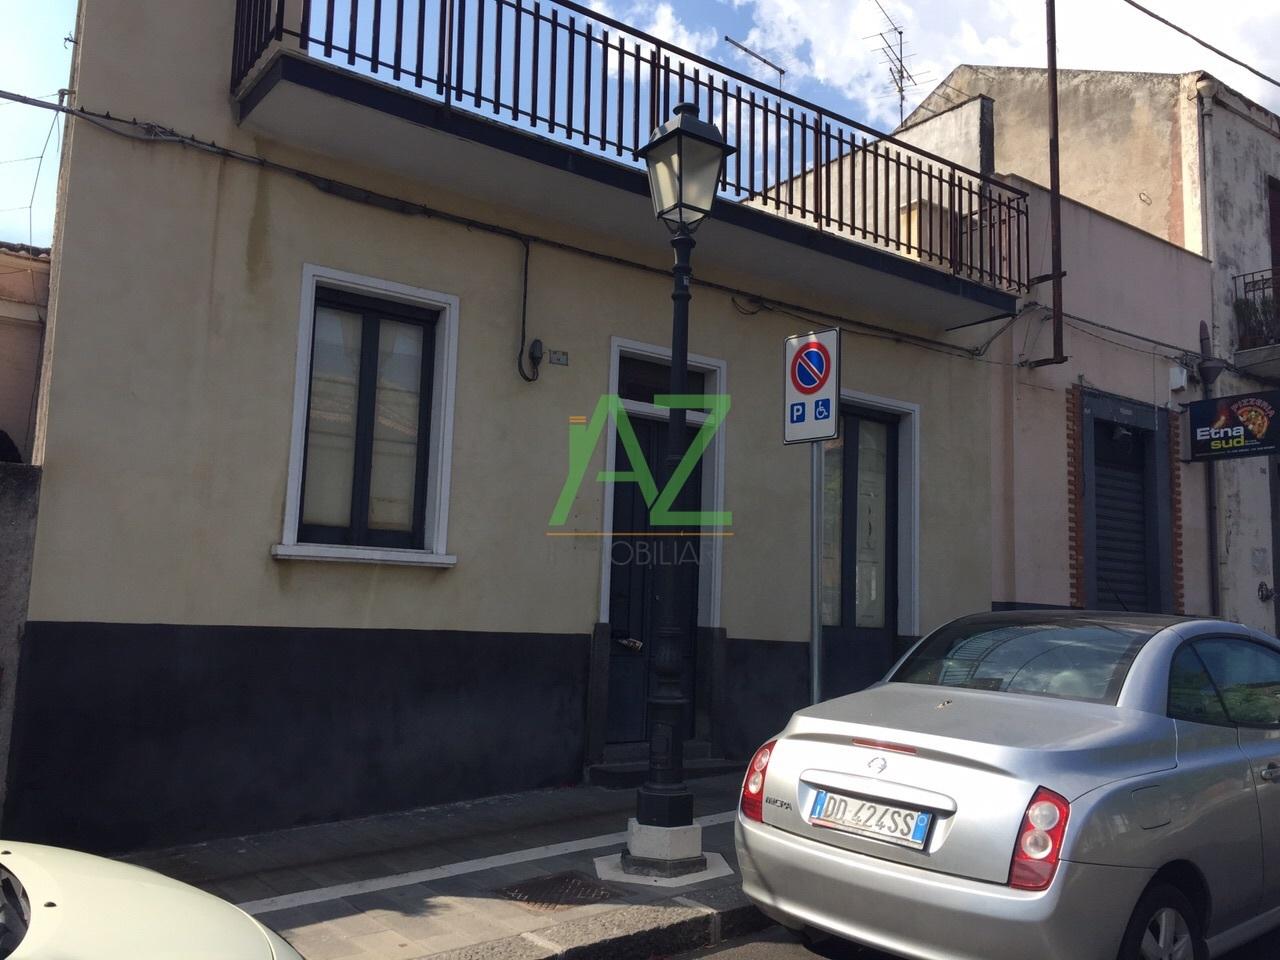 Soluzione Indipendente in vendita a Belpasso, 4 locali, prezzo € 78.000 | Cambio Casa.it